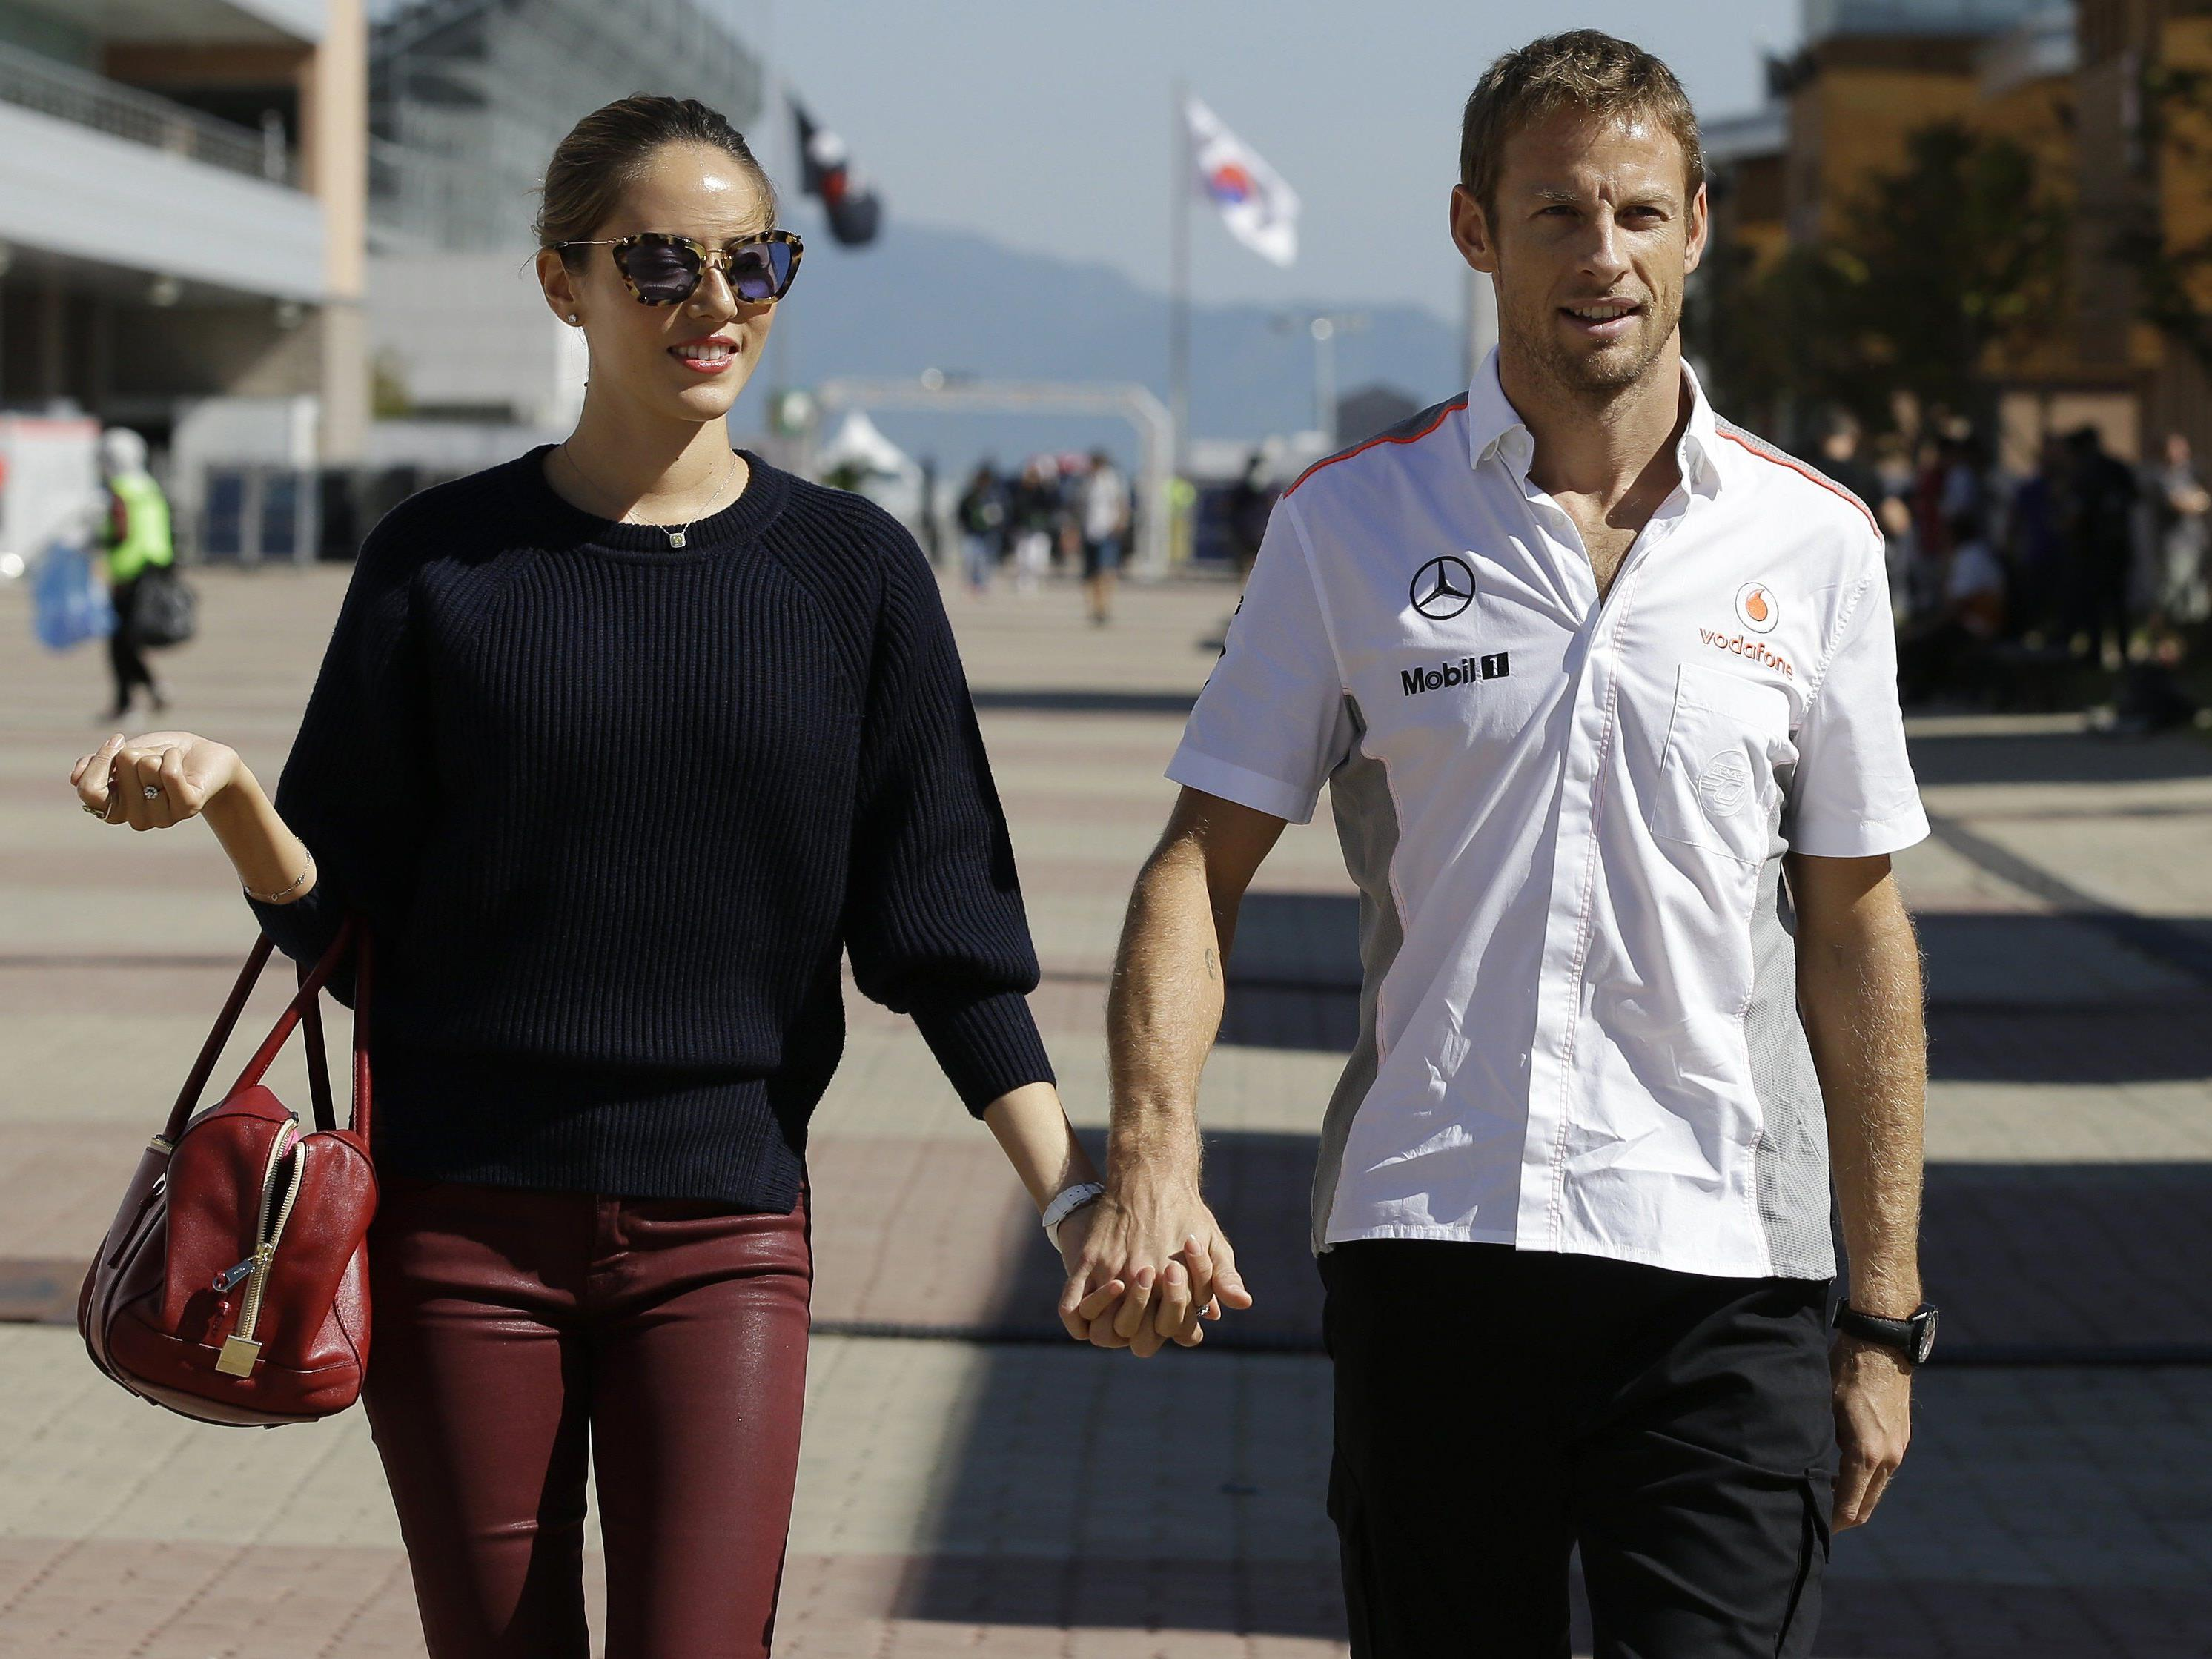 F1-Fahrer Jenson Button und Frau Jessica wurden im Urlaub mit Gas betäubt und ausgeraubt.